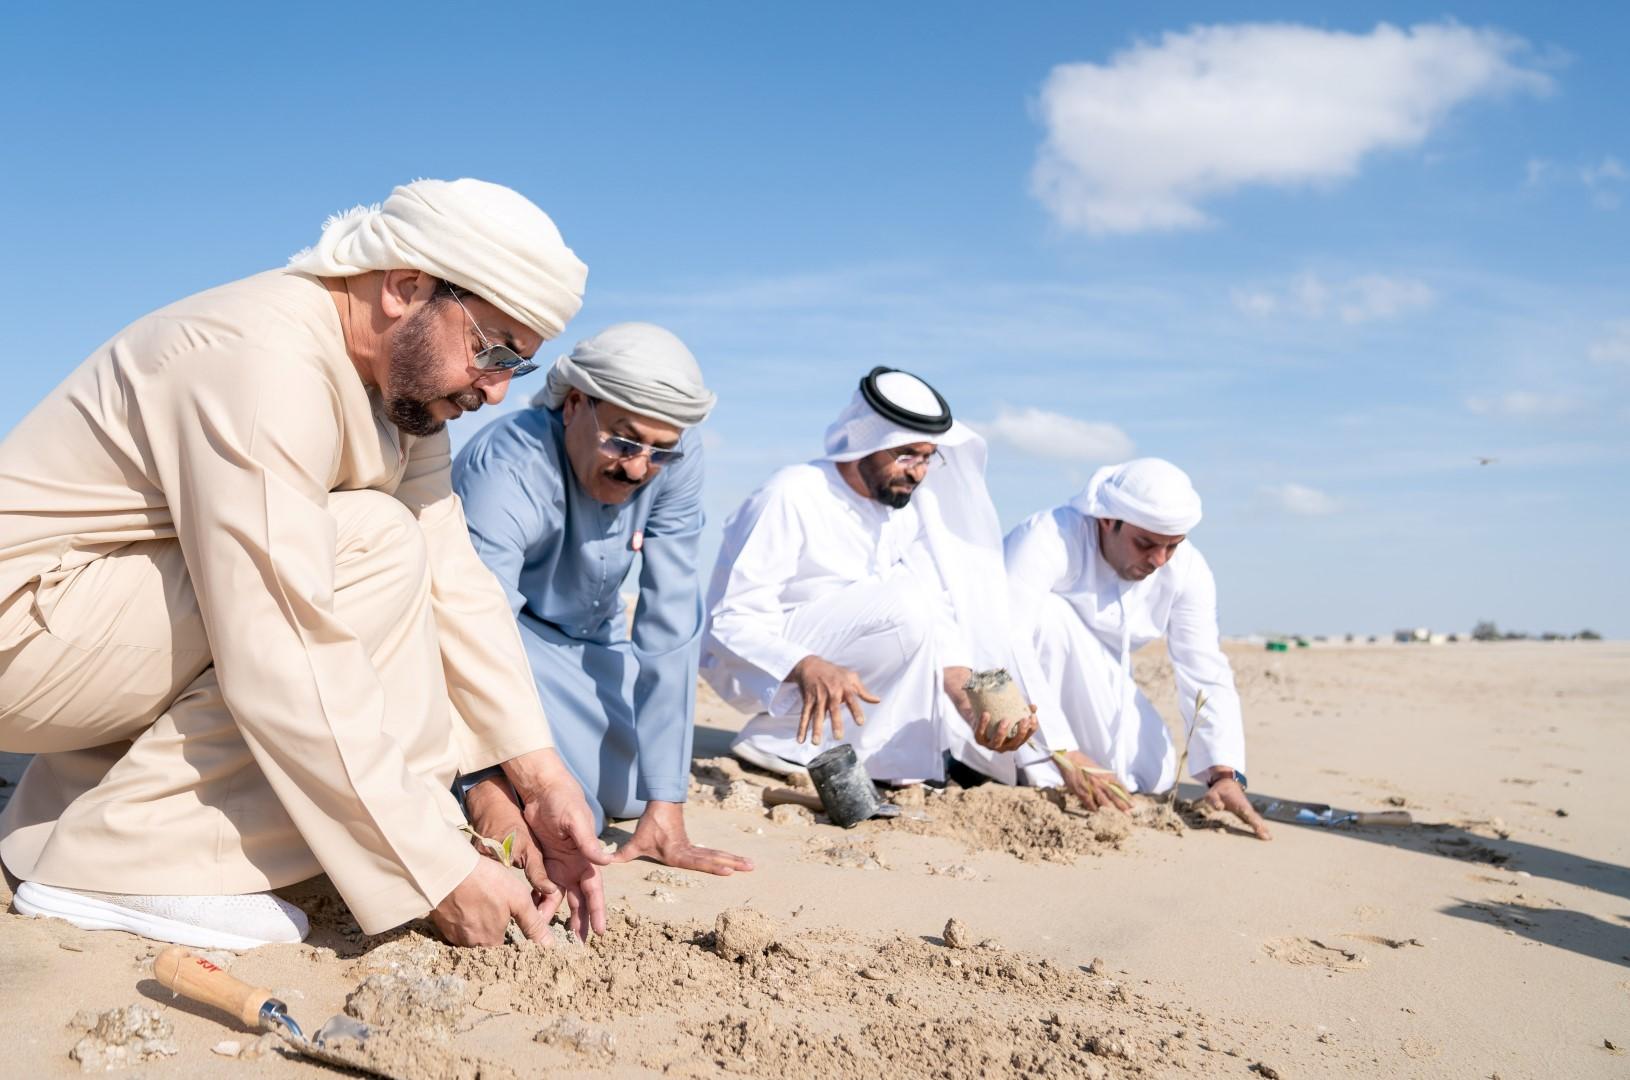 حمدان بن زايد يشارك بزراعة شتلات أشجار القرم في جزيرة الأريام